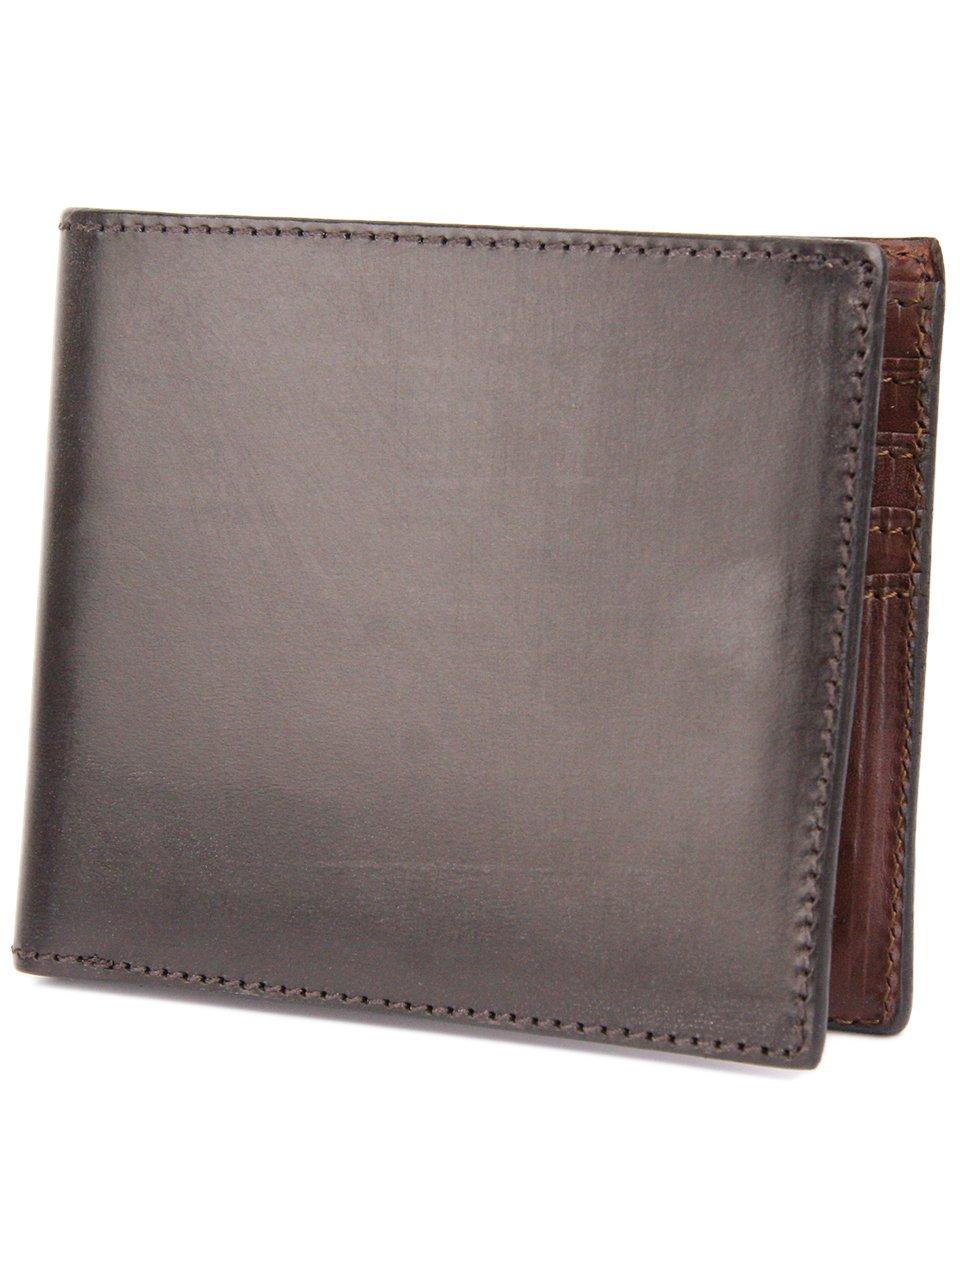 [コルボ] CORBO. -face Bridle Leather- フェイス ブライドルレザー シリーズ 二つ折り財布 1LD-0228 CO-1LD-0228 B006G4HFW0 ダークブラウン ダークブラウン